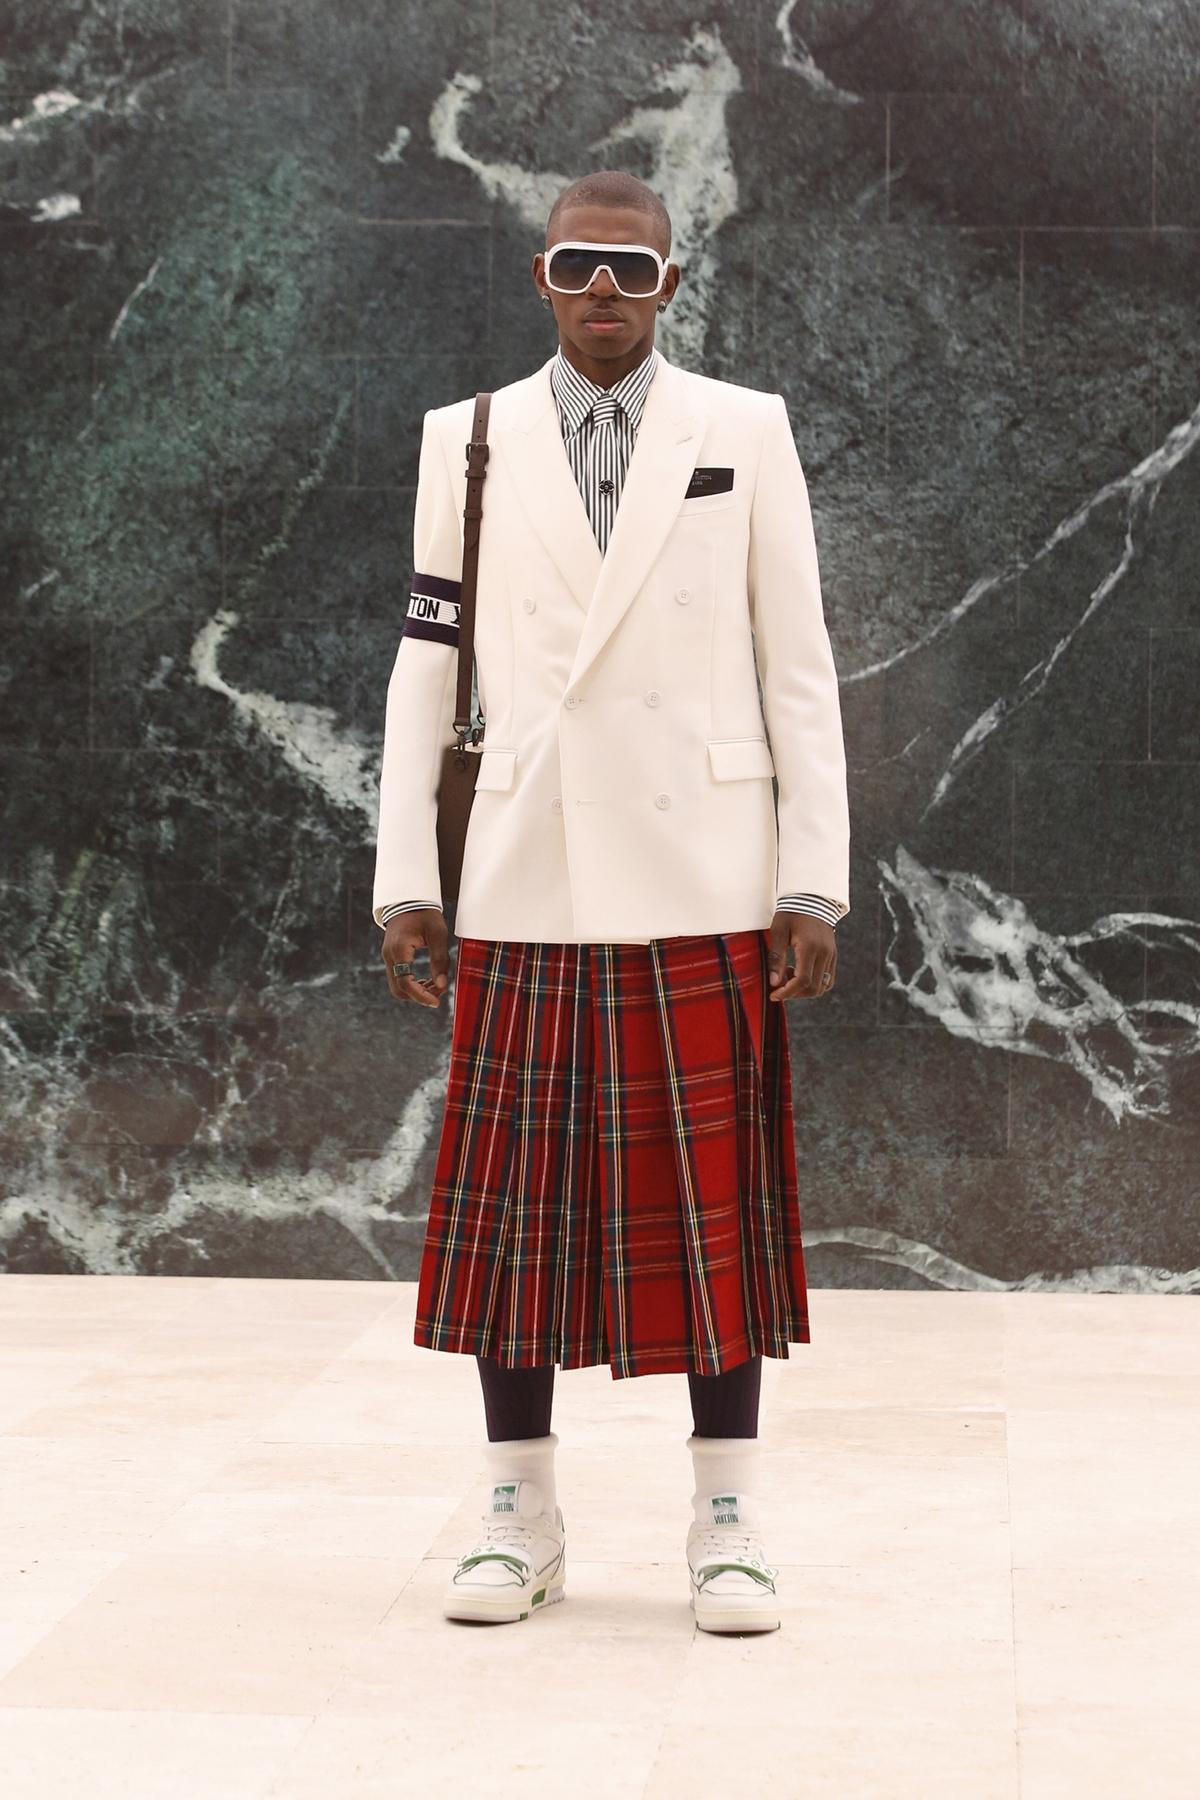 Louis Vuitton làm áo khoác hình tòa nhà - Hình 4